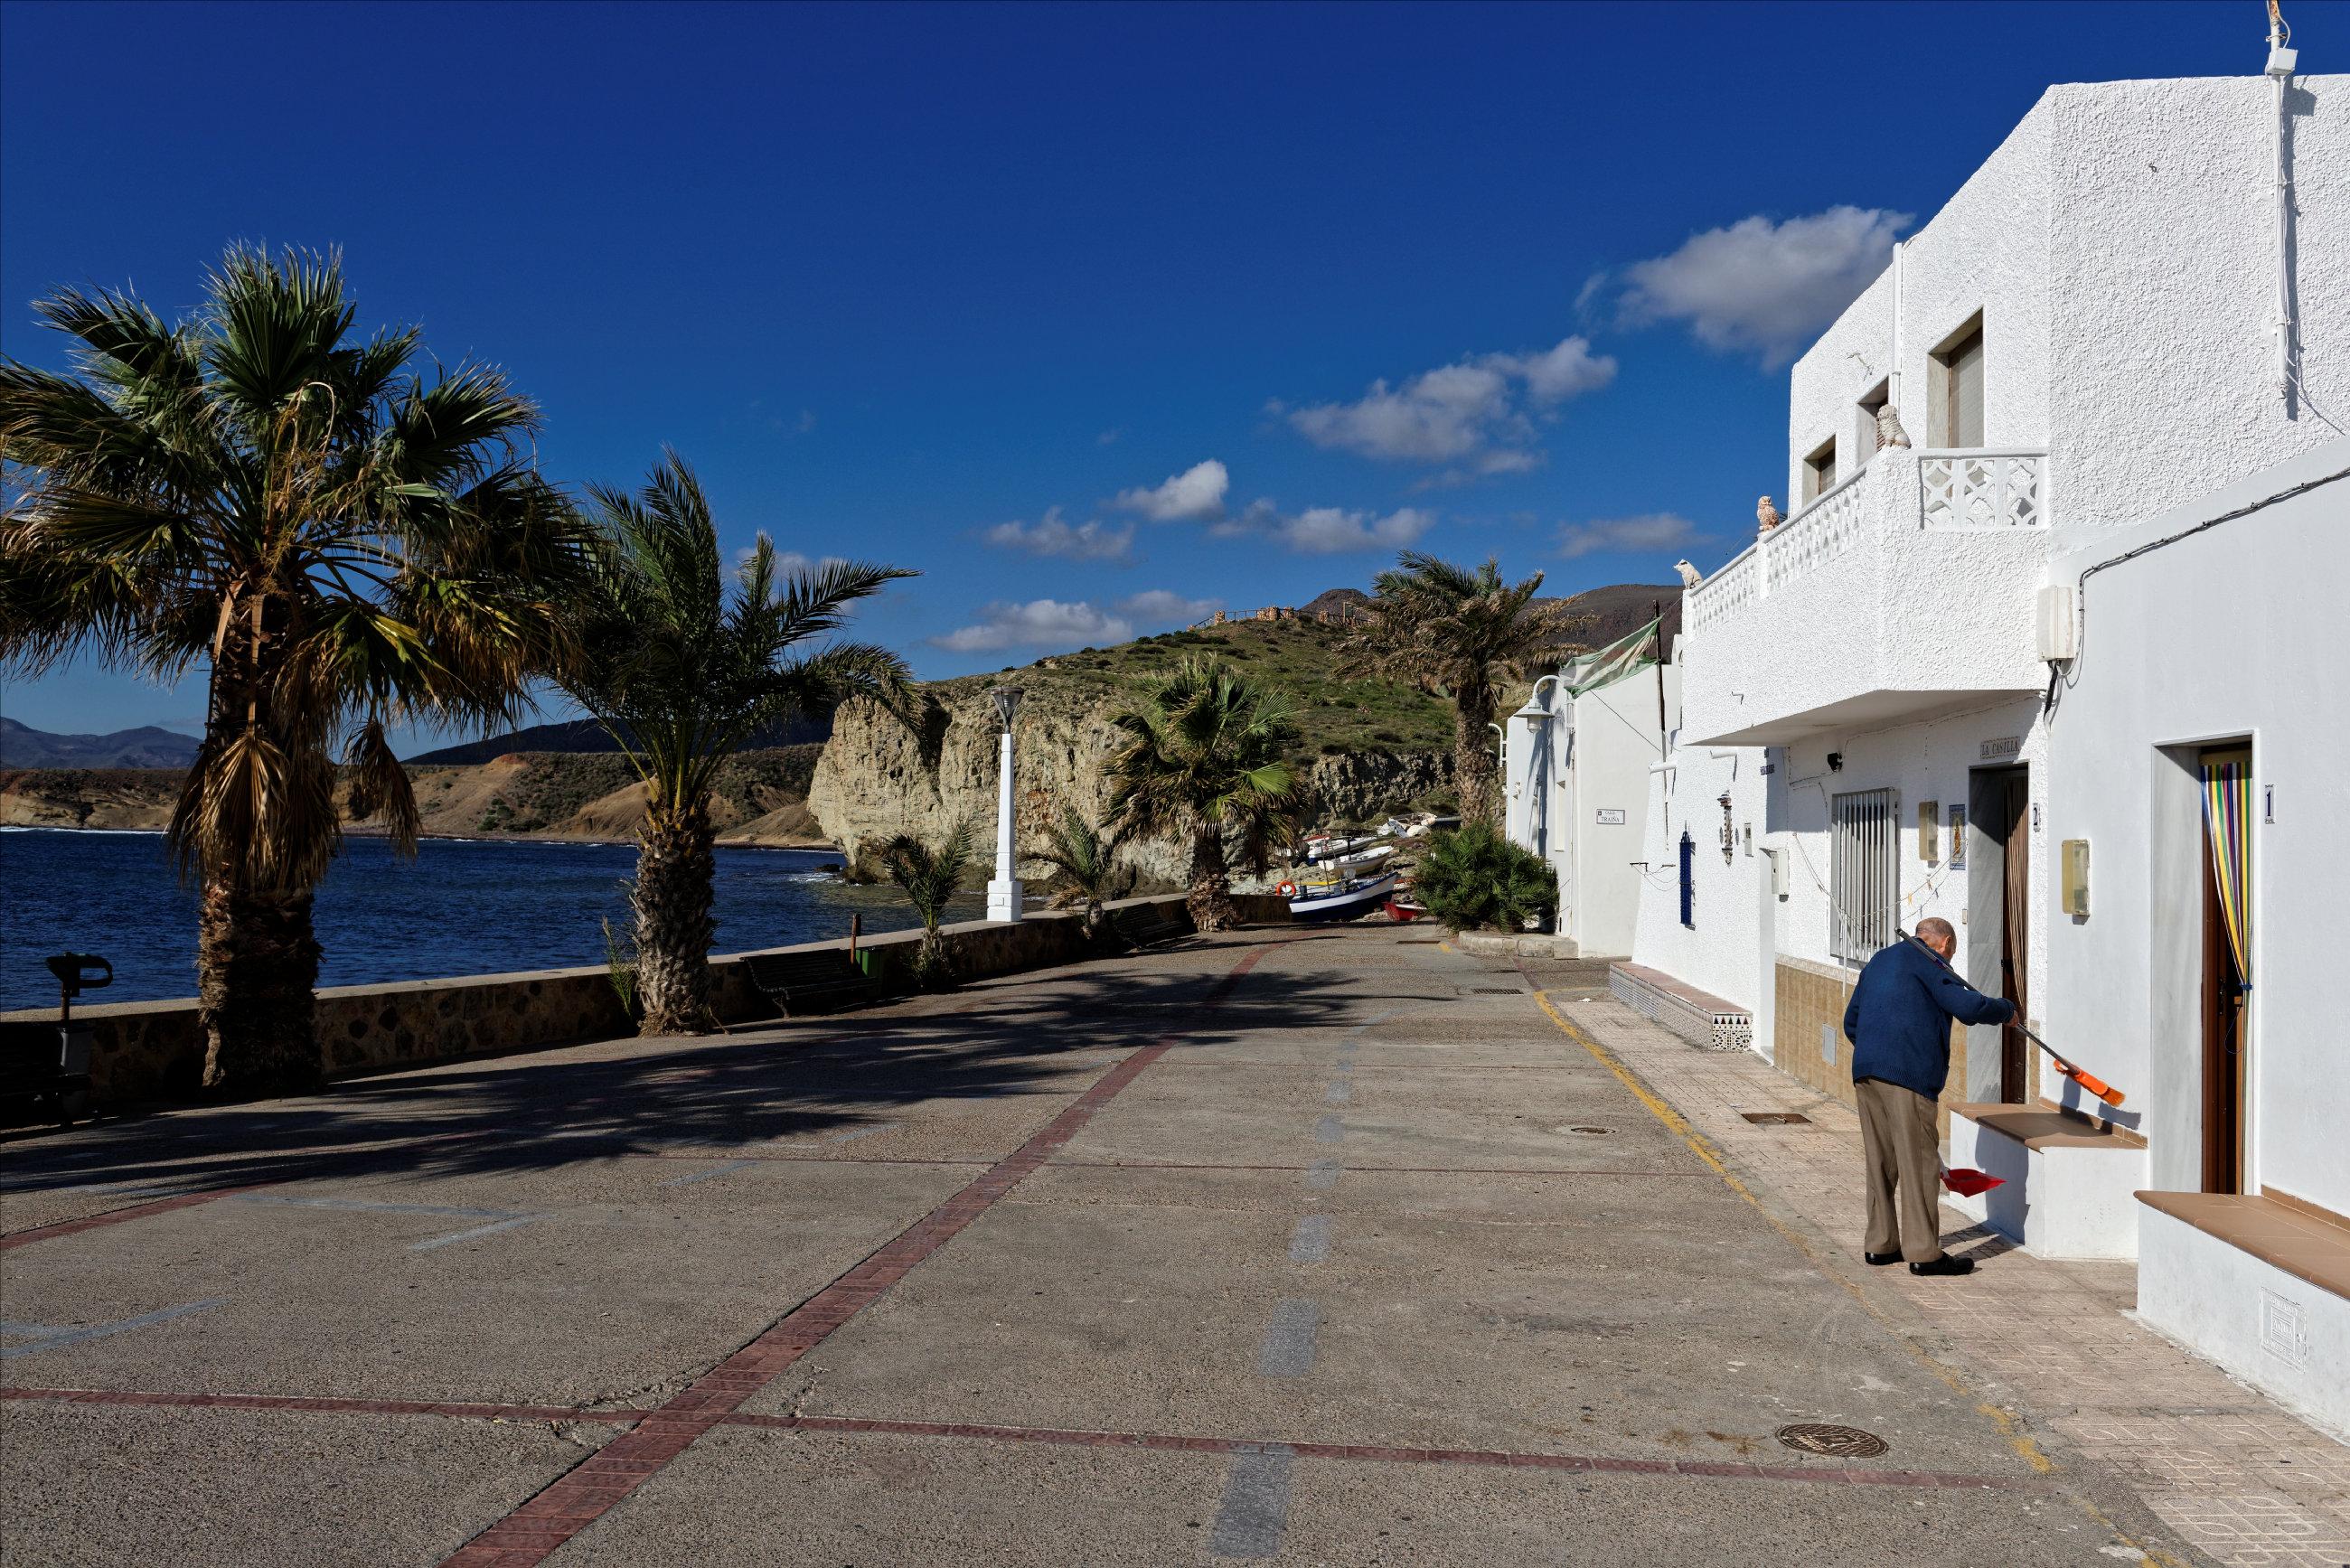 151108-La Isleta del Moro (26)